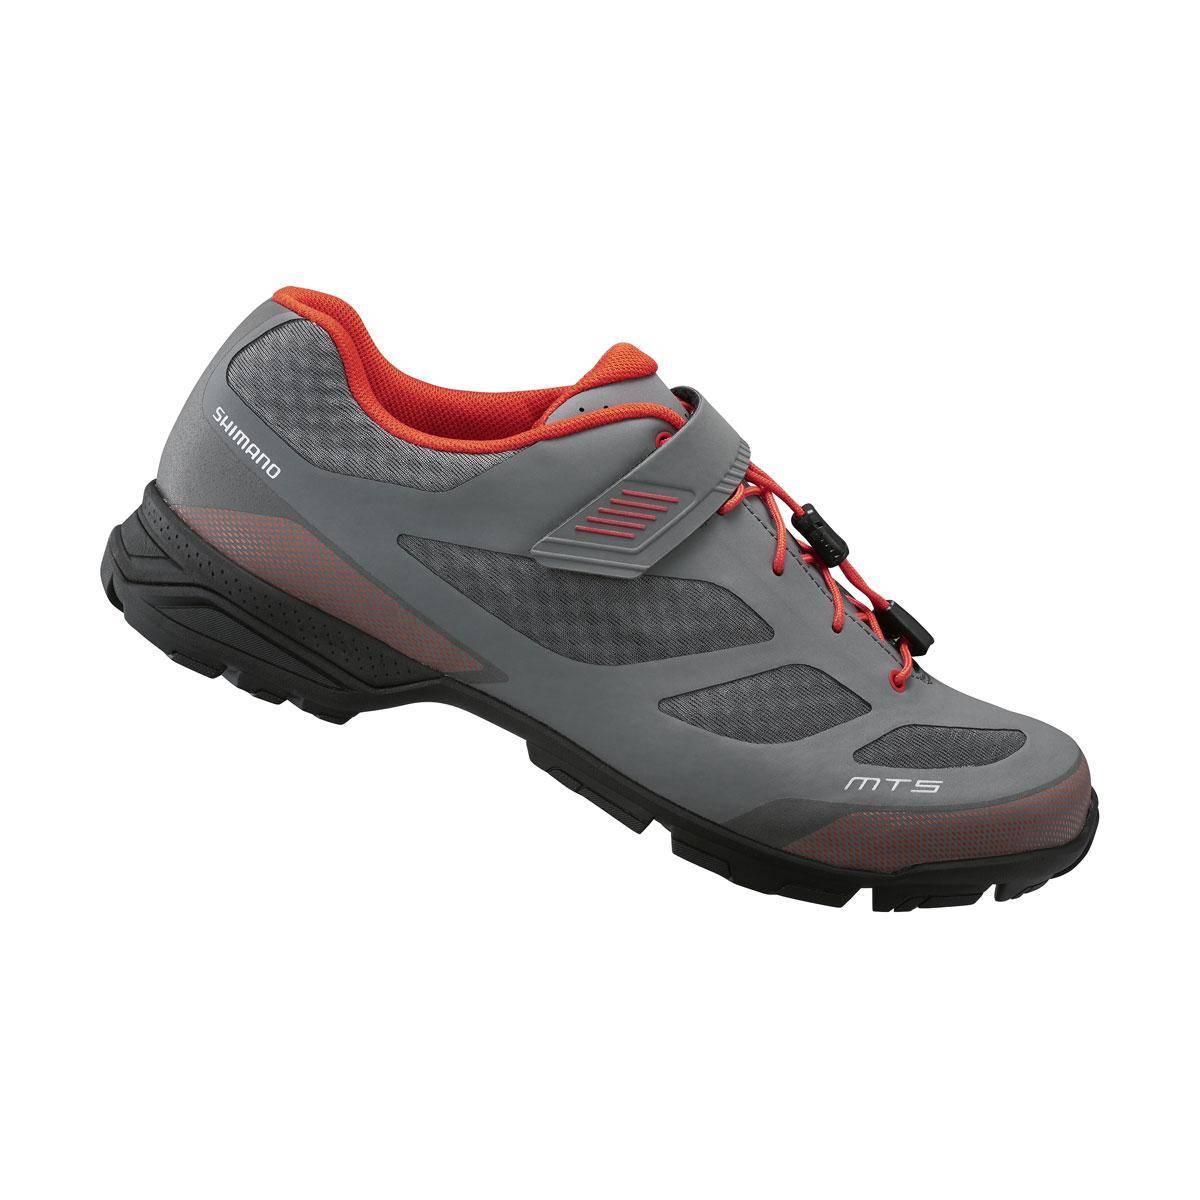 SHIMANO turistická obuv SH-MT501MG, šedá, 43